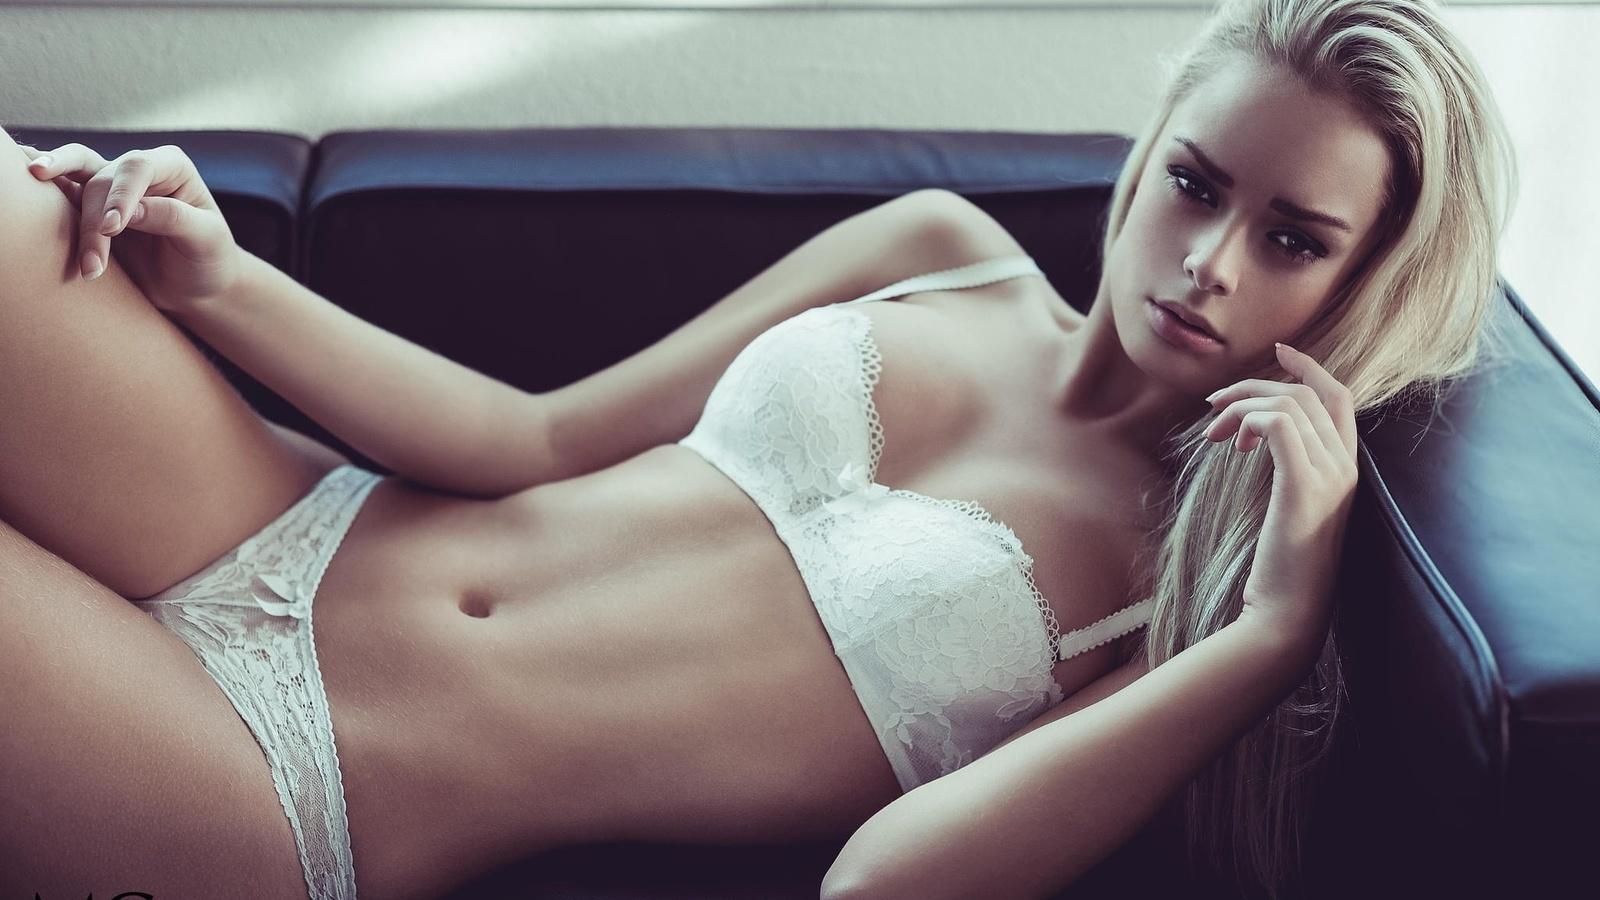 Секс с красивой молодой девушкой фото, Красивый секс - смотреть порно фото онлайн бесплатно 21 фотография